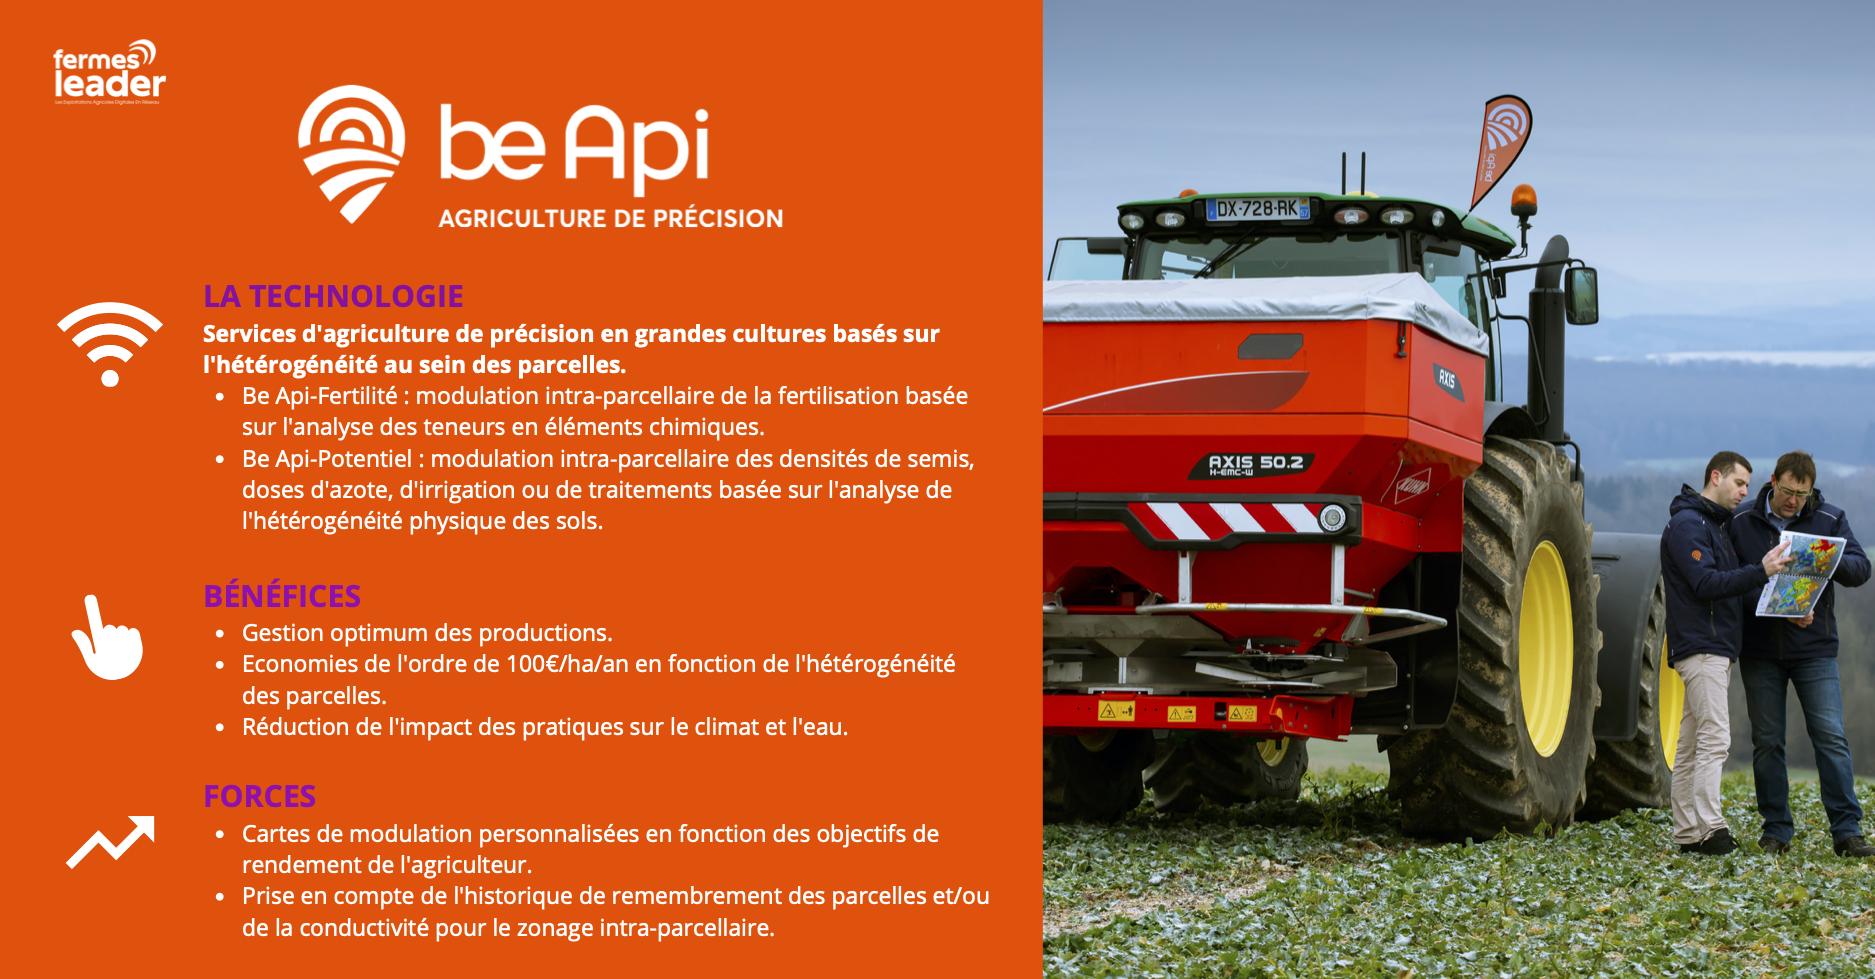 1Jeudi1outil be api agriculture de précision : la technologie, les bénéfices, les forces